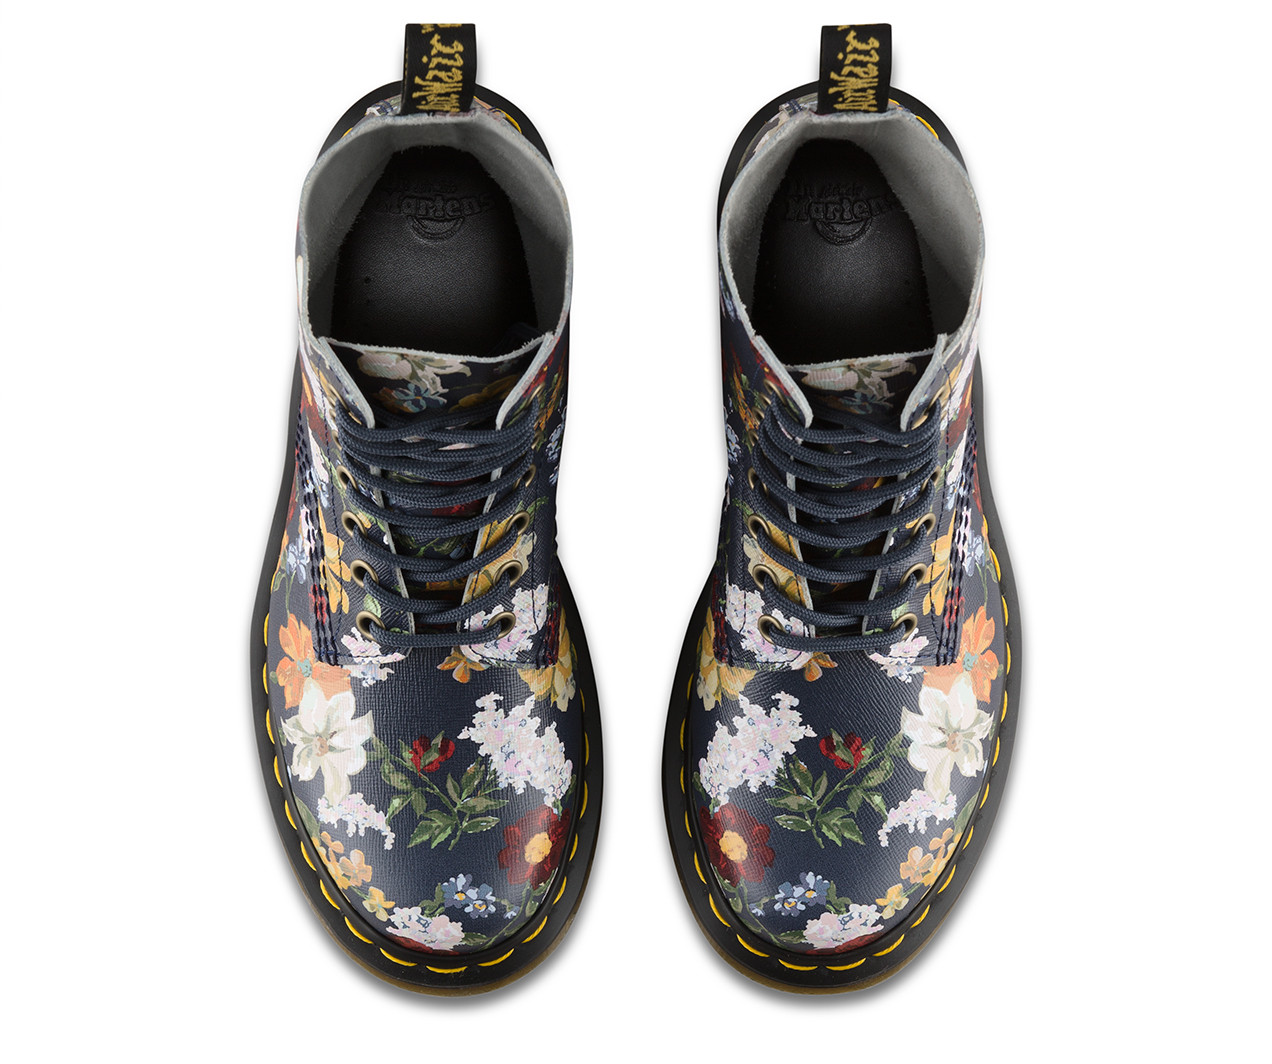 b451de272c32e 1460 PASCAL Darcy Floral | Women's Boots & Shoes | Canada